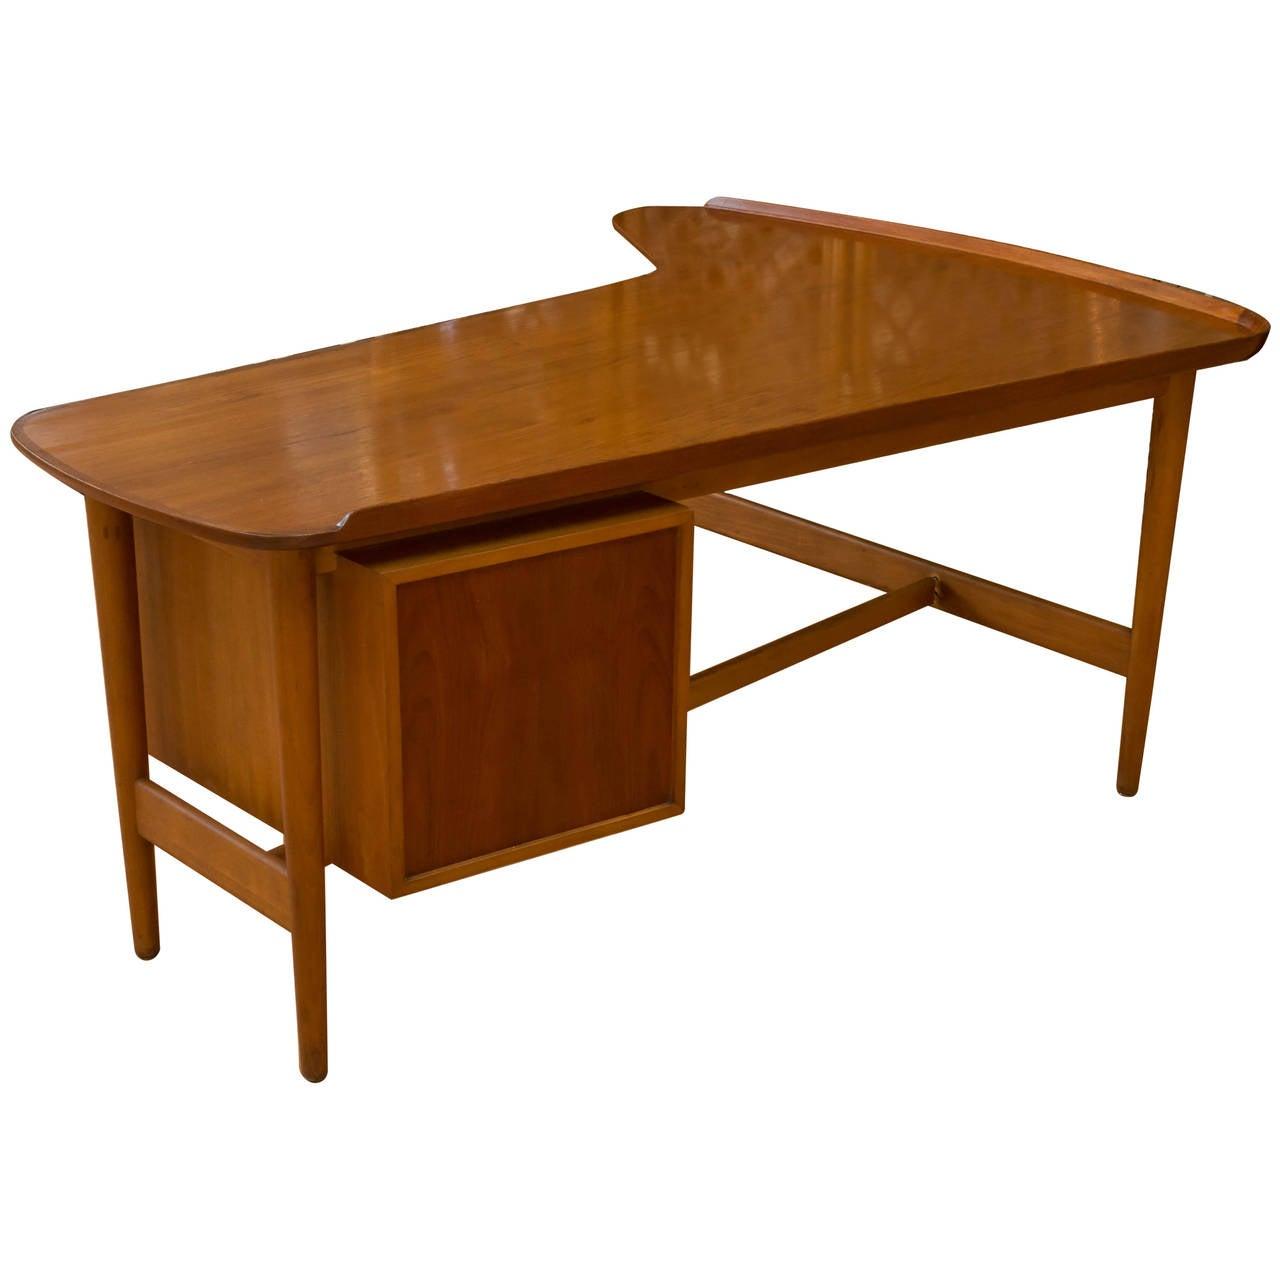 Rare 1952 Arne Vodder for Bovirke Boomerang Desk 1